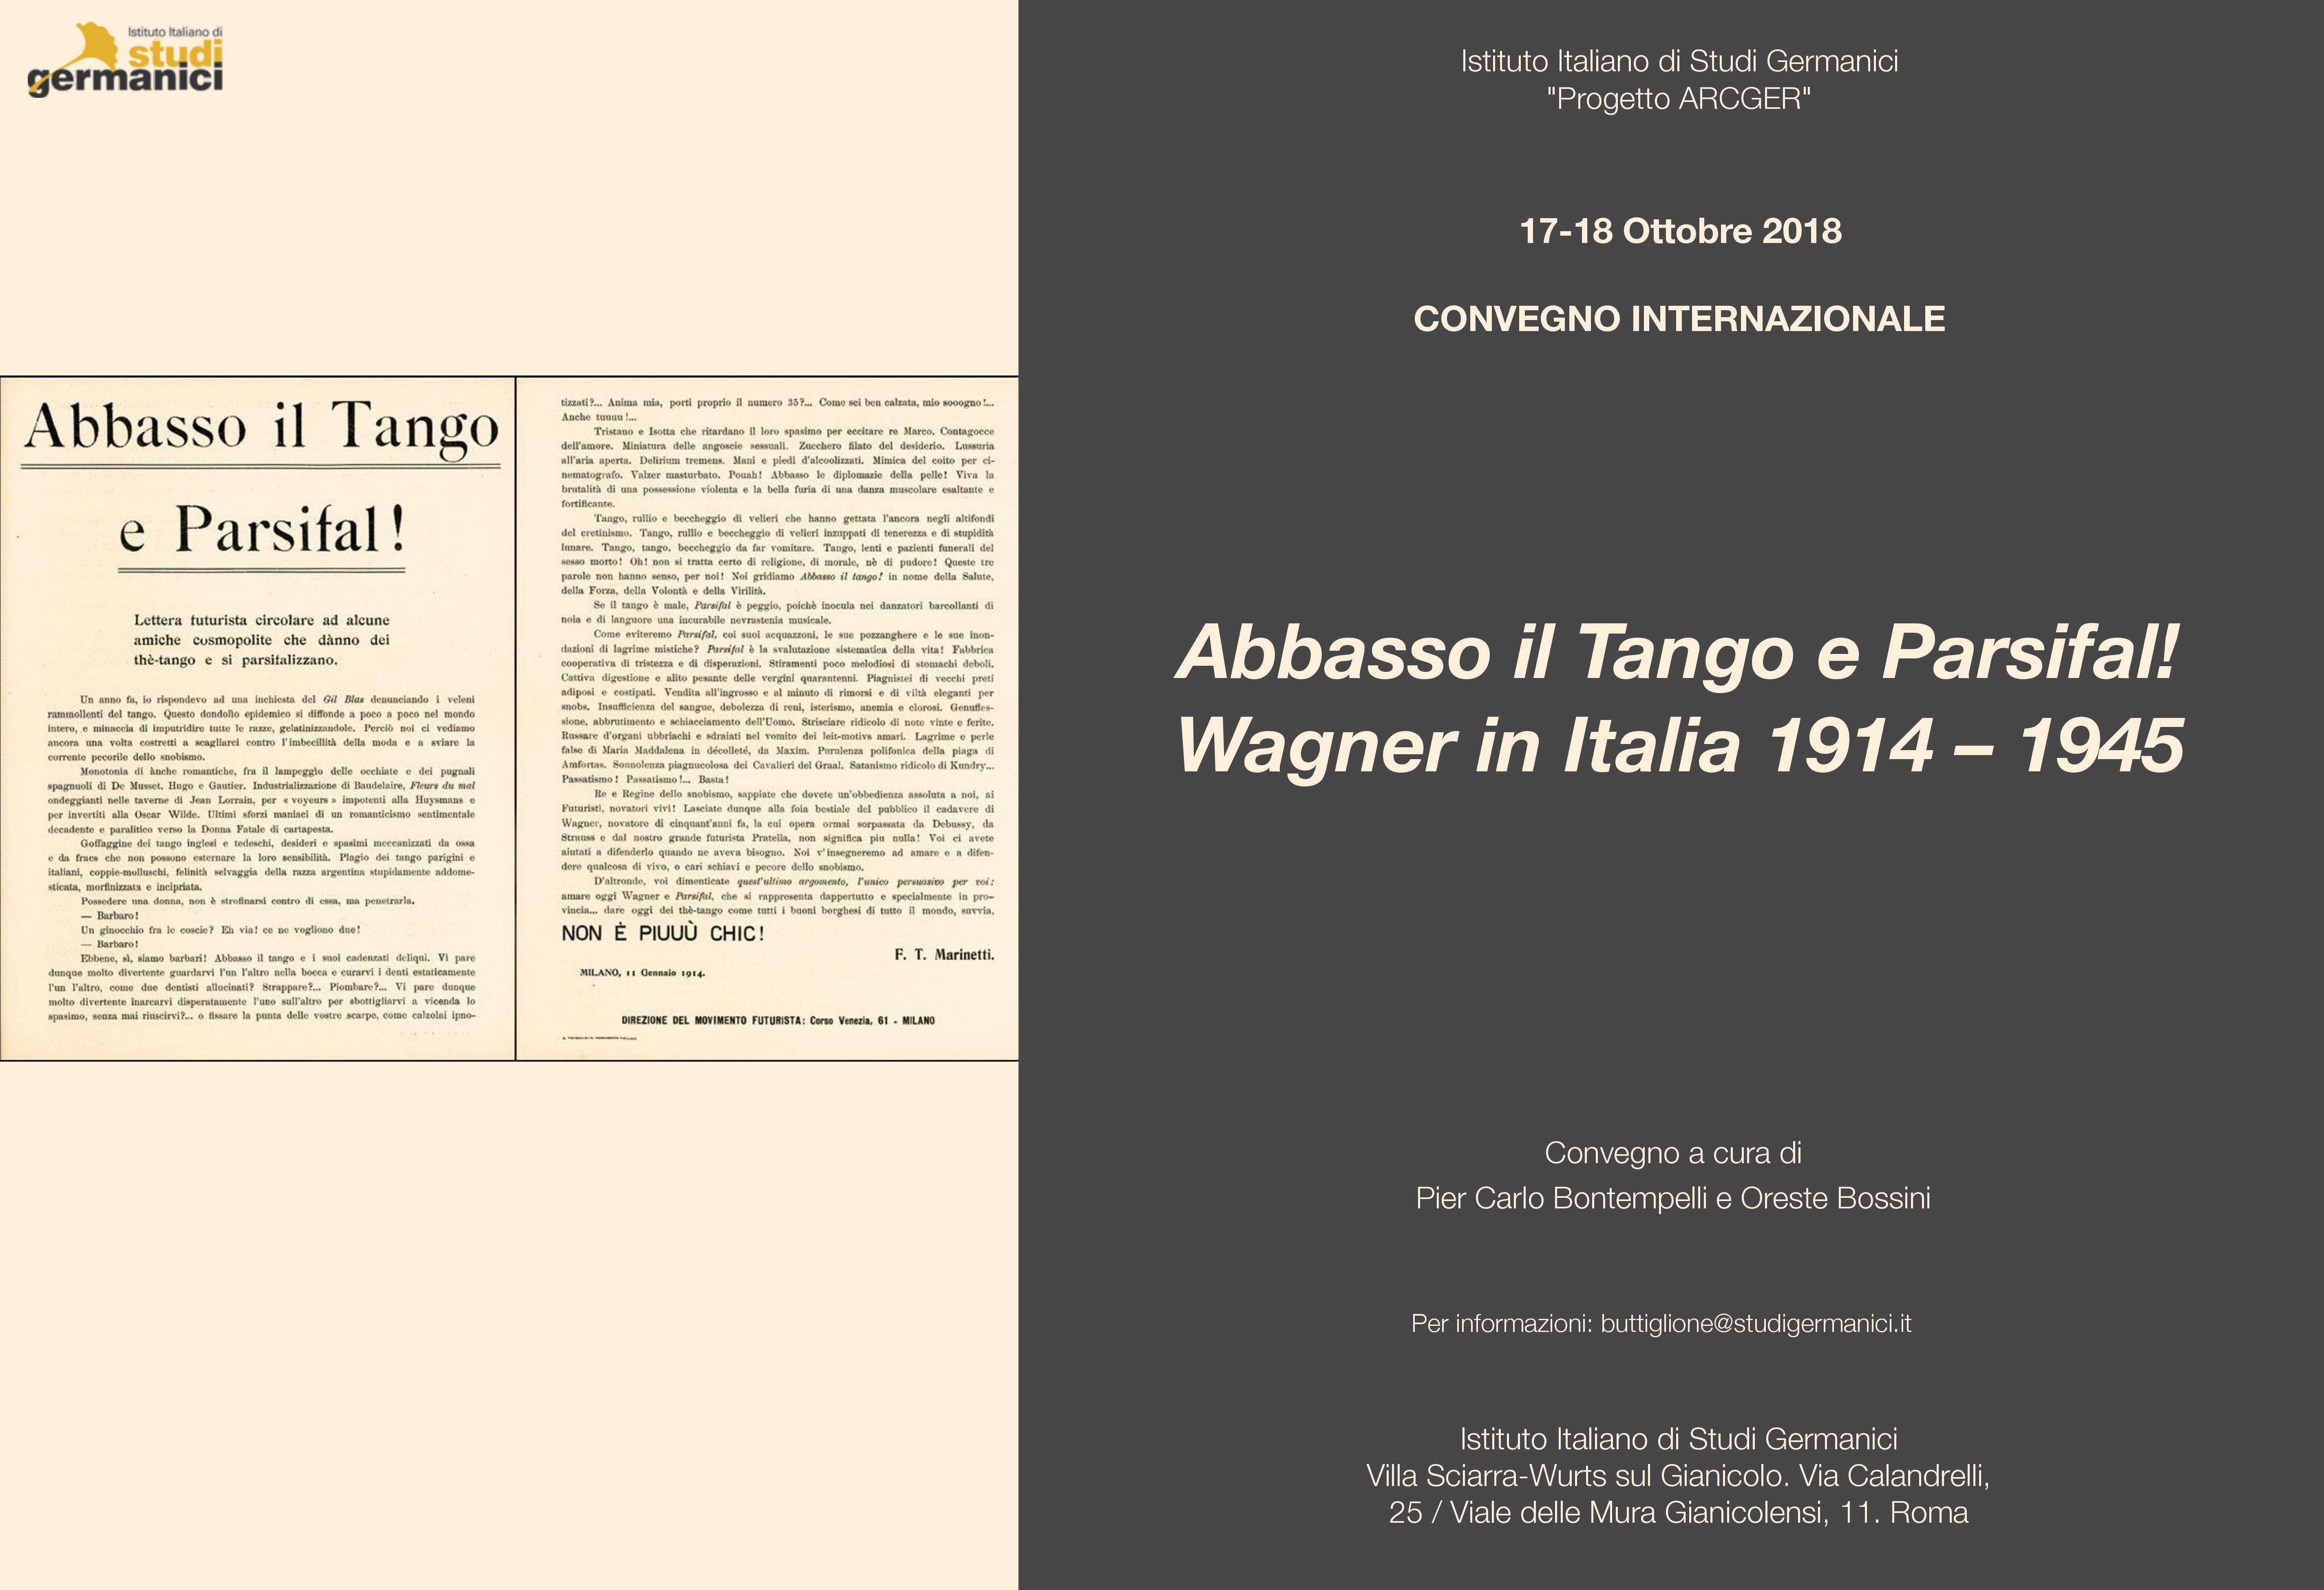 Abbasso il Tango 24.09-page-001